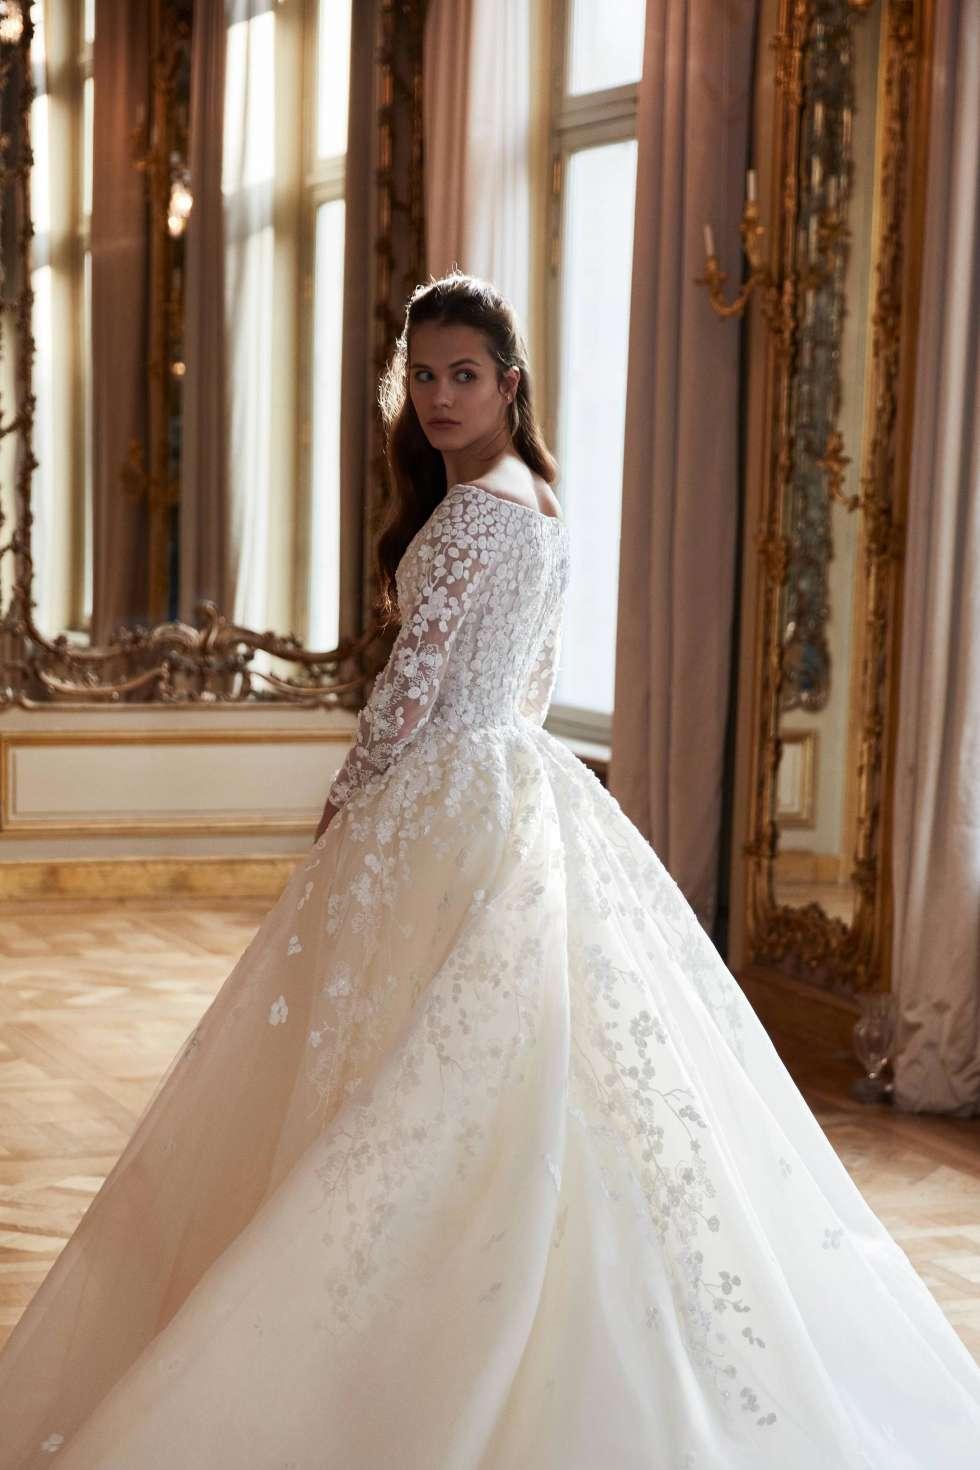 2aa644a87 فساتين زفاف محجبات مثالية للعروس المحجبة | موقع العروس